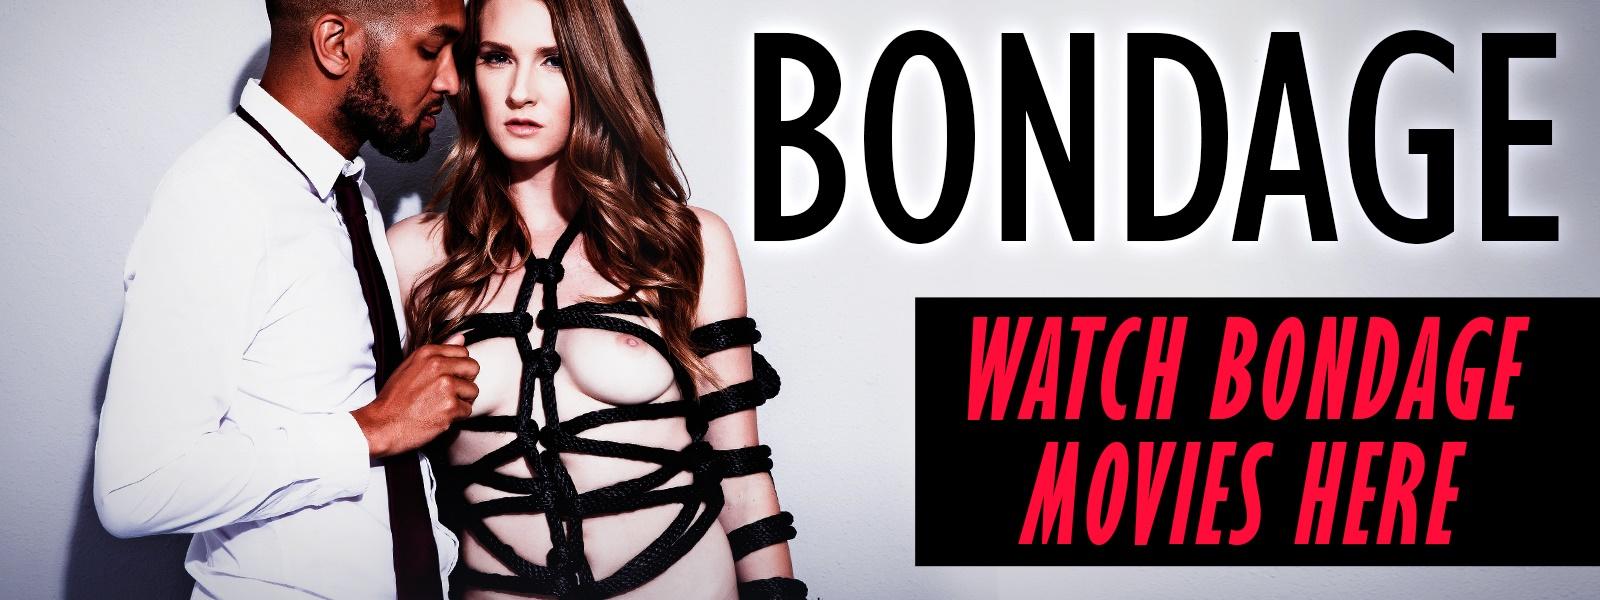 Save on bondage porn movies.